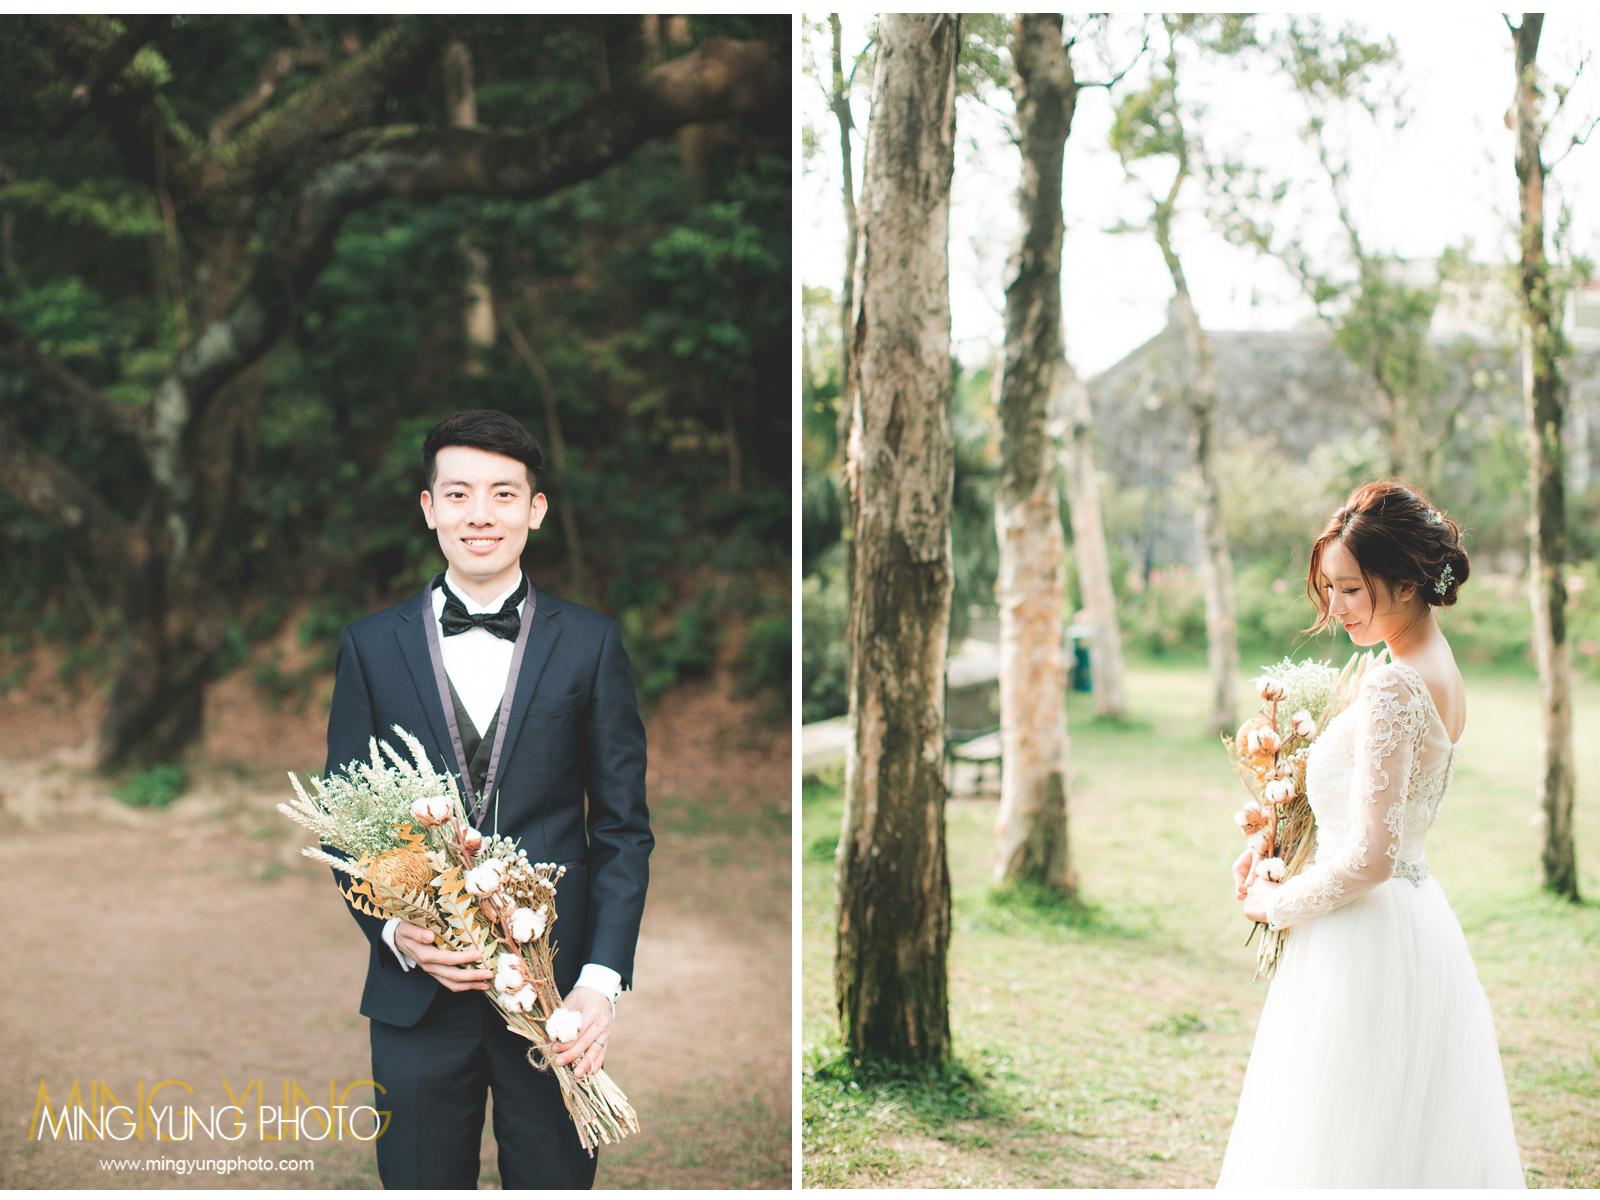 mingyungphoto-20170405-0013